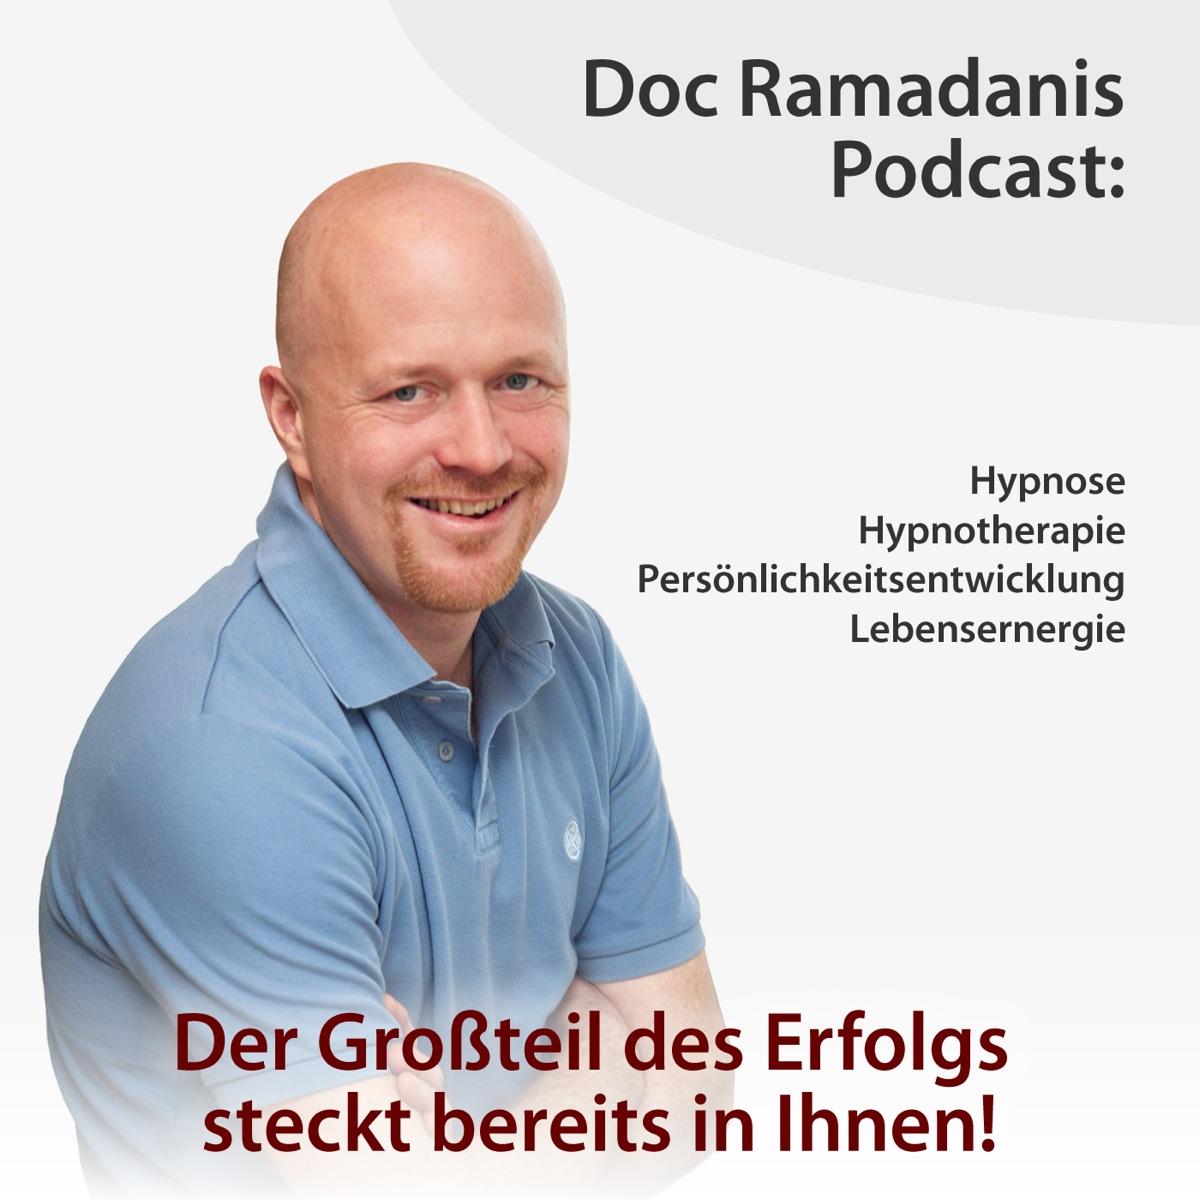 Doc Ramadanis Podcast: Hypnose, Hypnotherapie, Persönlichkeitsentwicklung und Lebensenergie.